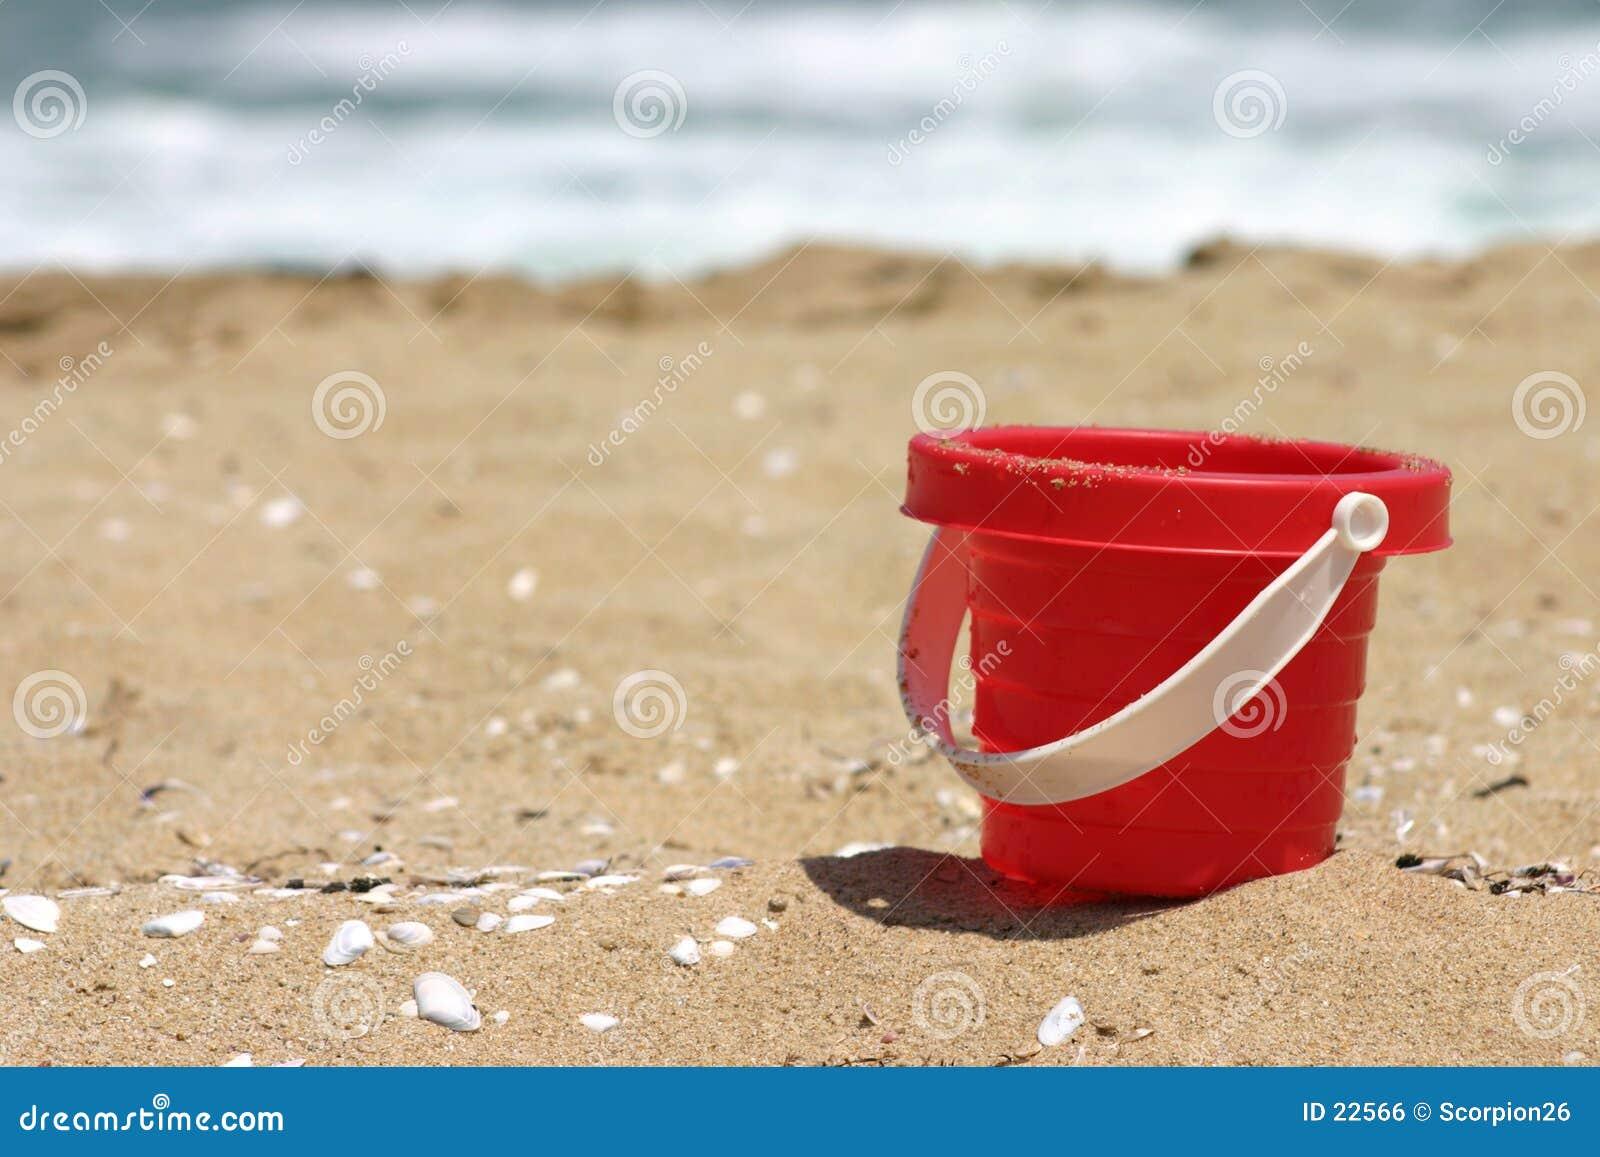 игрушка красного цвета ведра пляжа